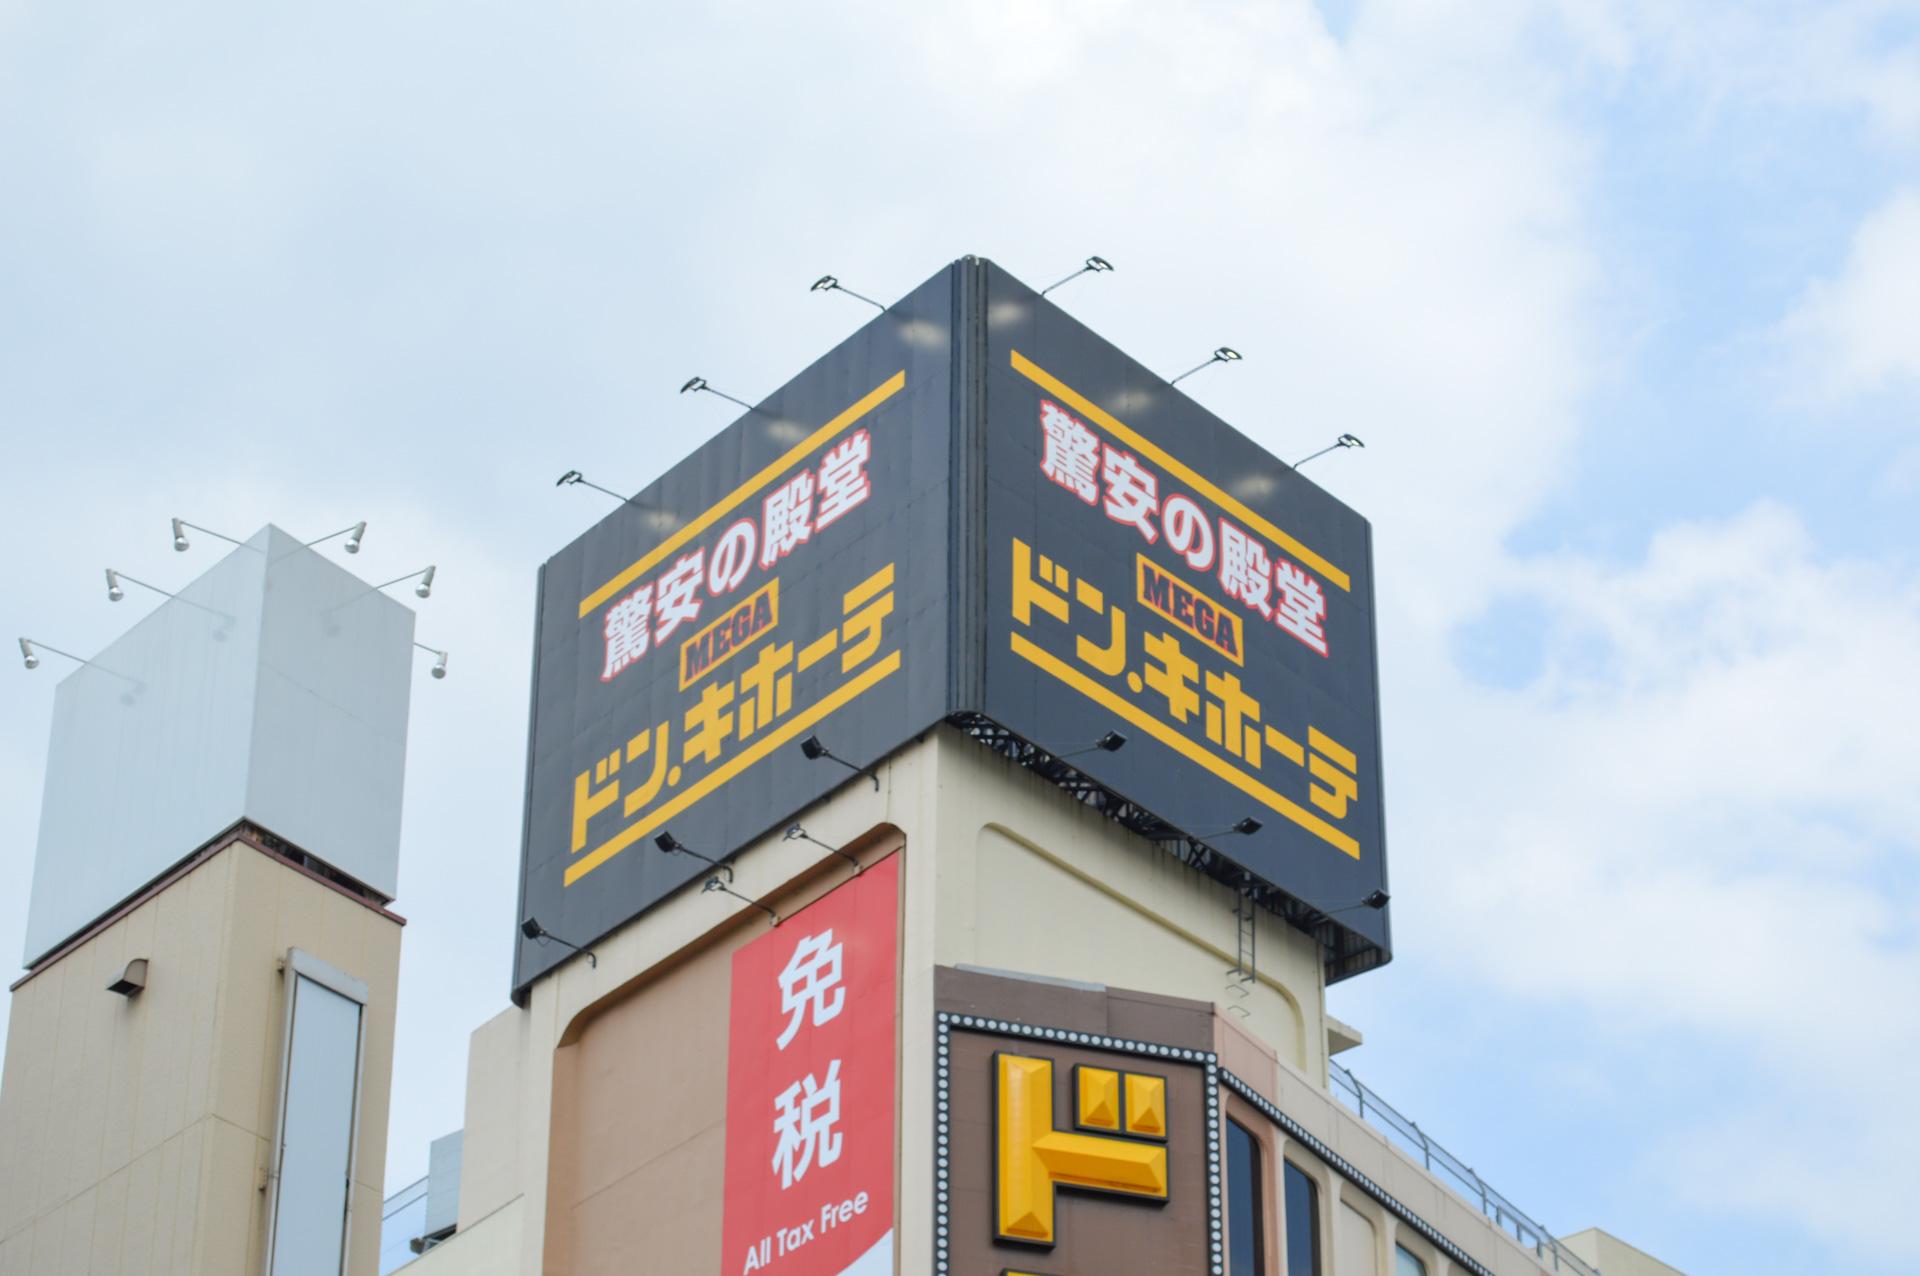 【ドンキホーテ】千葉県内の店舗情報まとめ!MEGAドンキはどこにある?